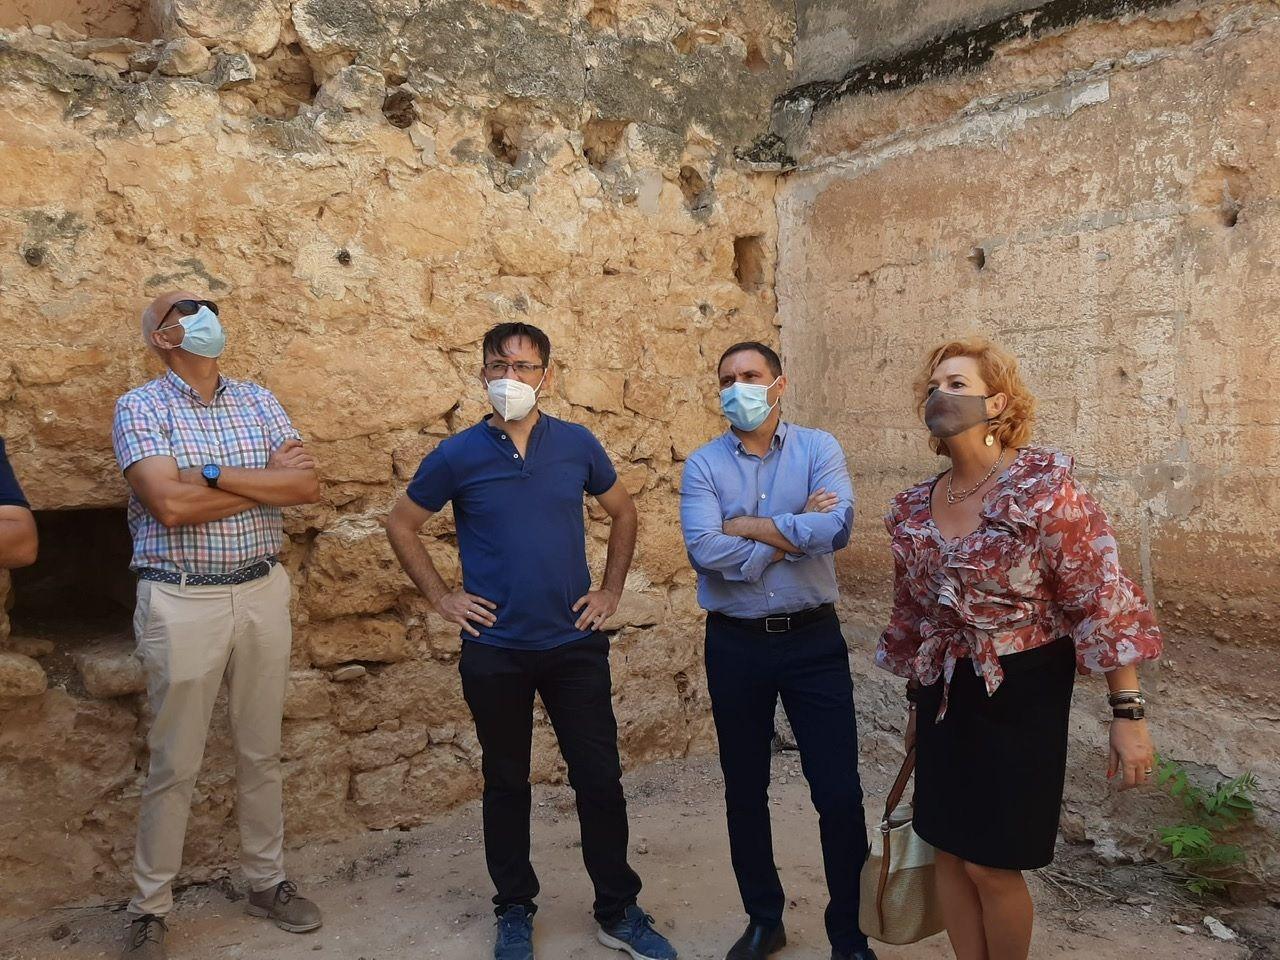 La Diputación de Cuenca culmina la rehabilitación del castillo de Santiago de la Torre con una inversión de 200.000 euros